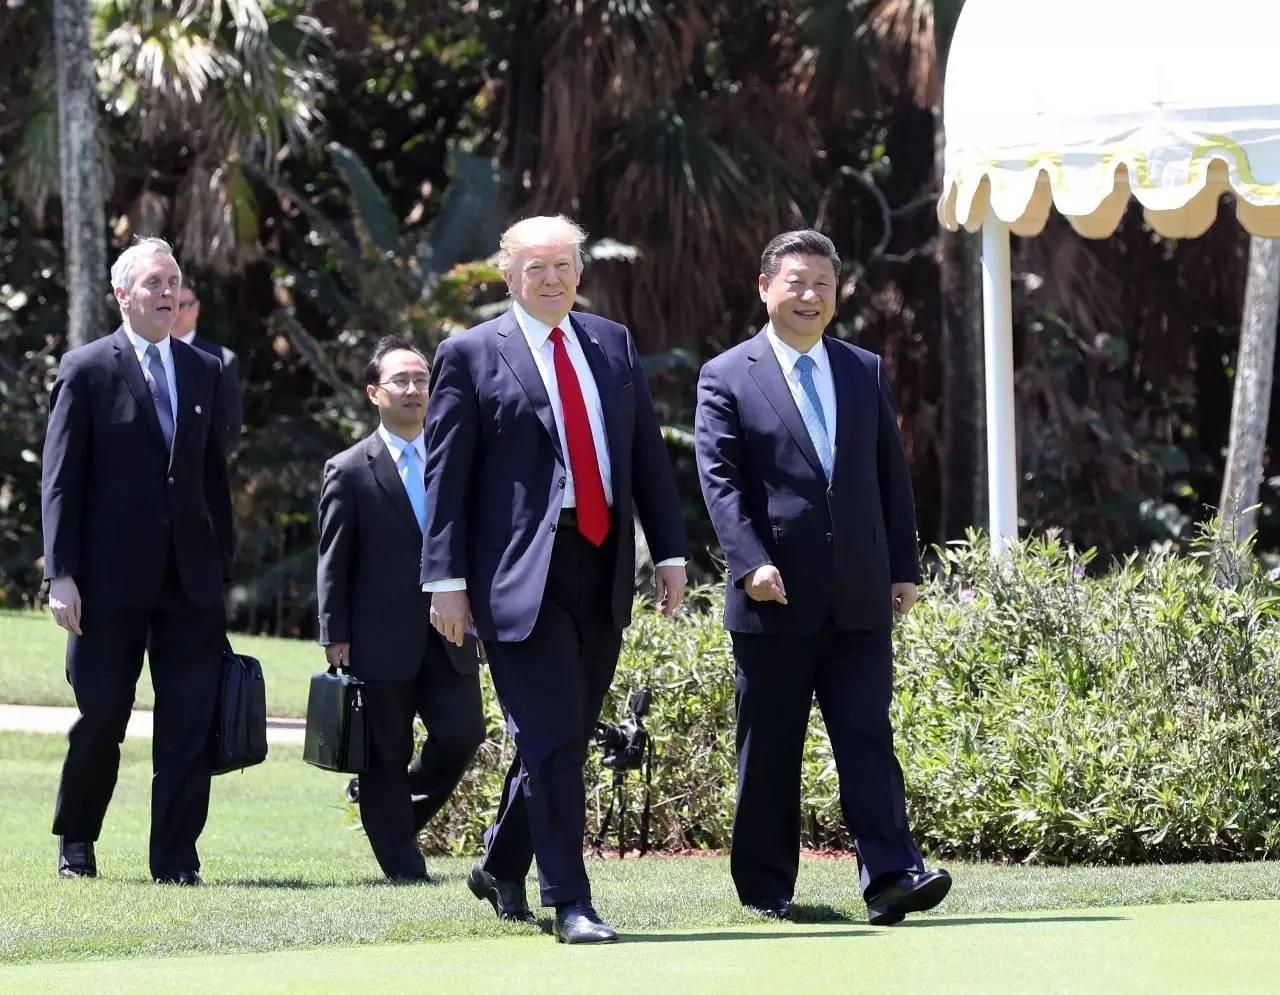 ▲材料图片:外地时光4月7日,国度主席习近平在美国佛罗里达州海湖庄园同美国总统特朗普举办正式会见。